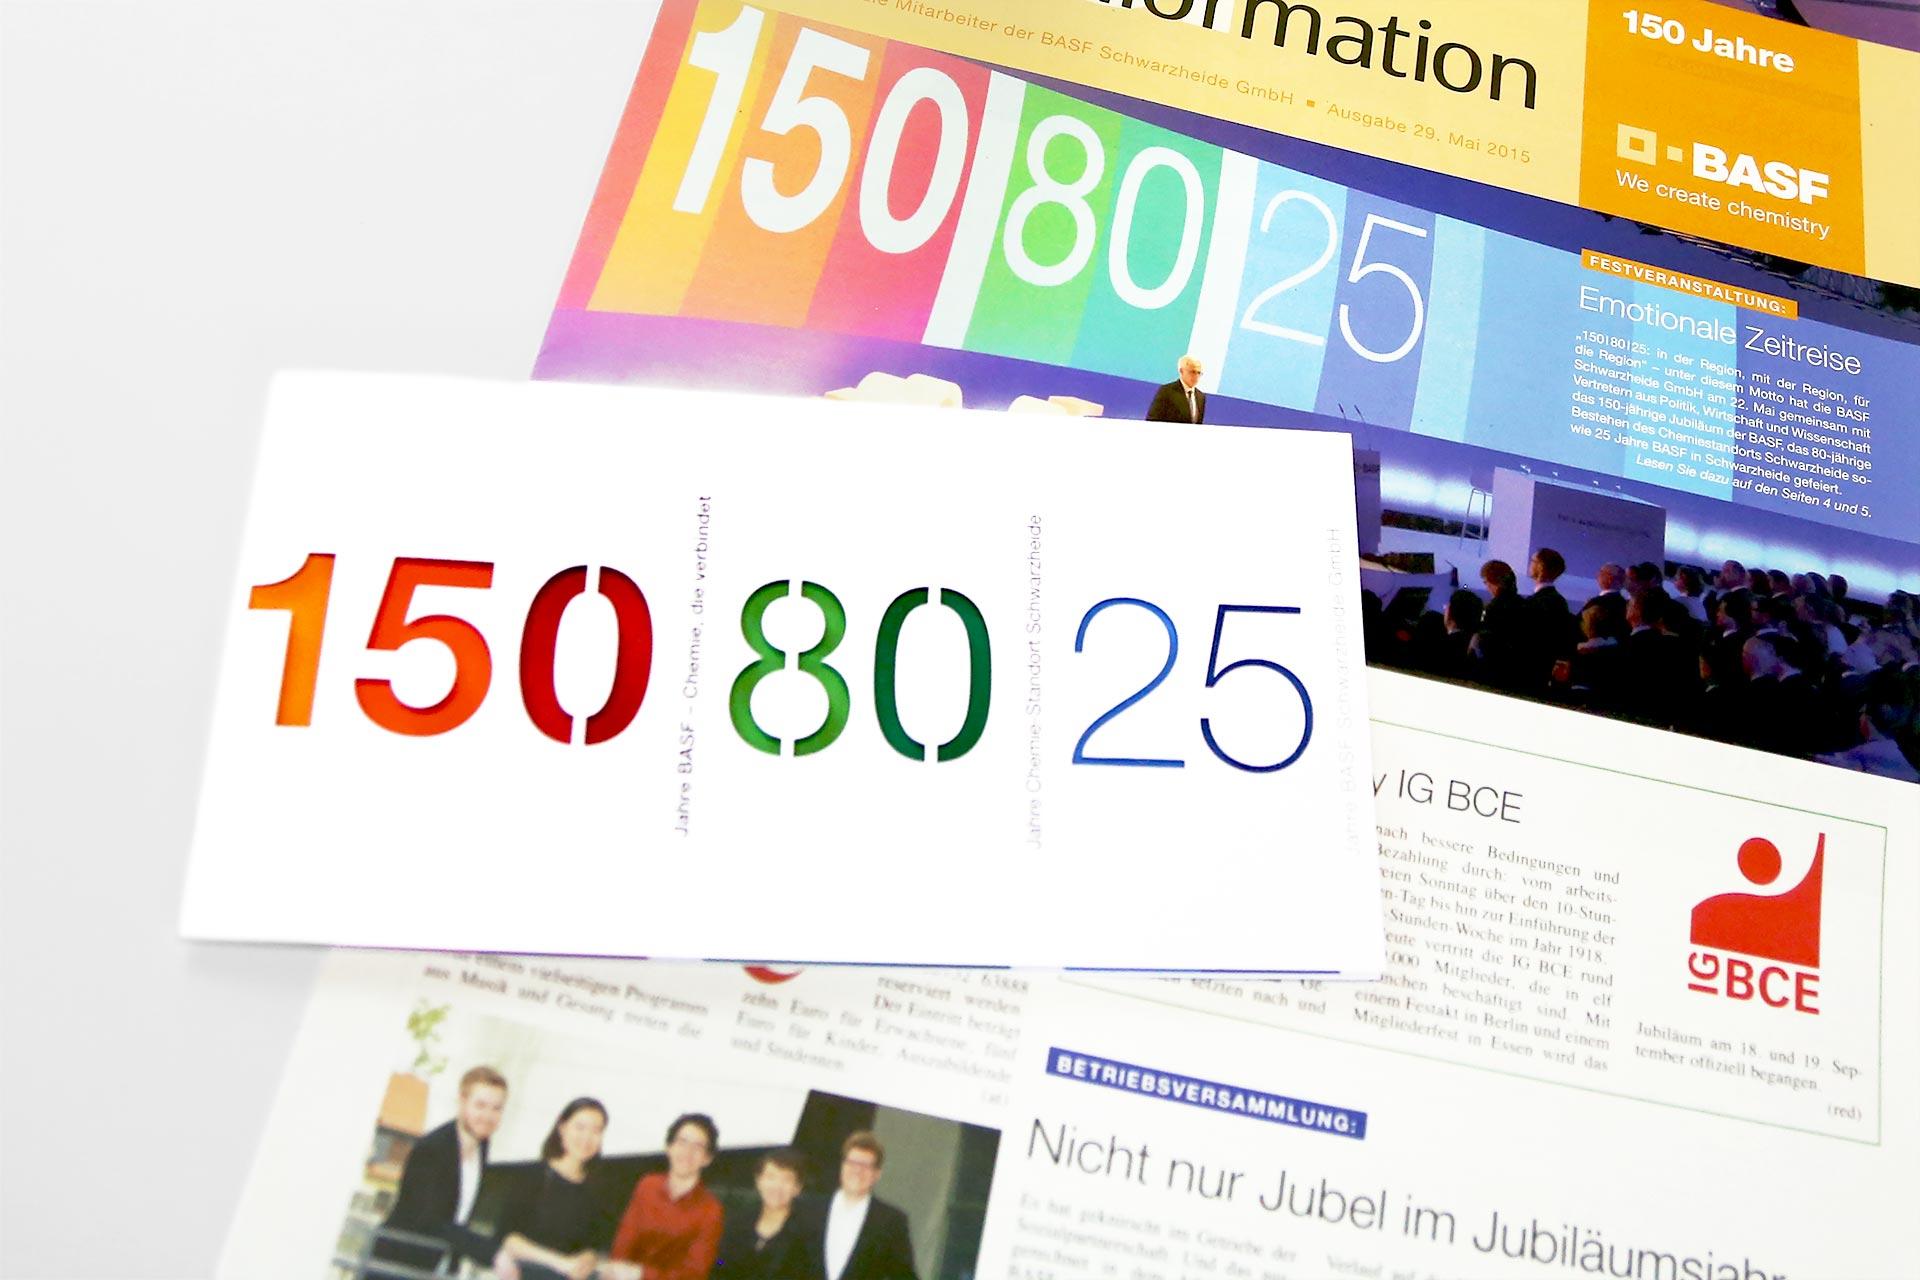 Titel Mitarbeiterzeitung und Jubiläumseinladung